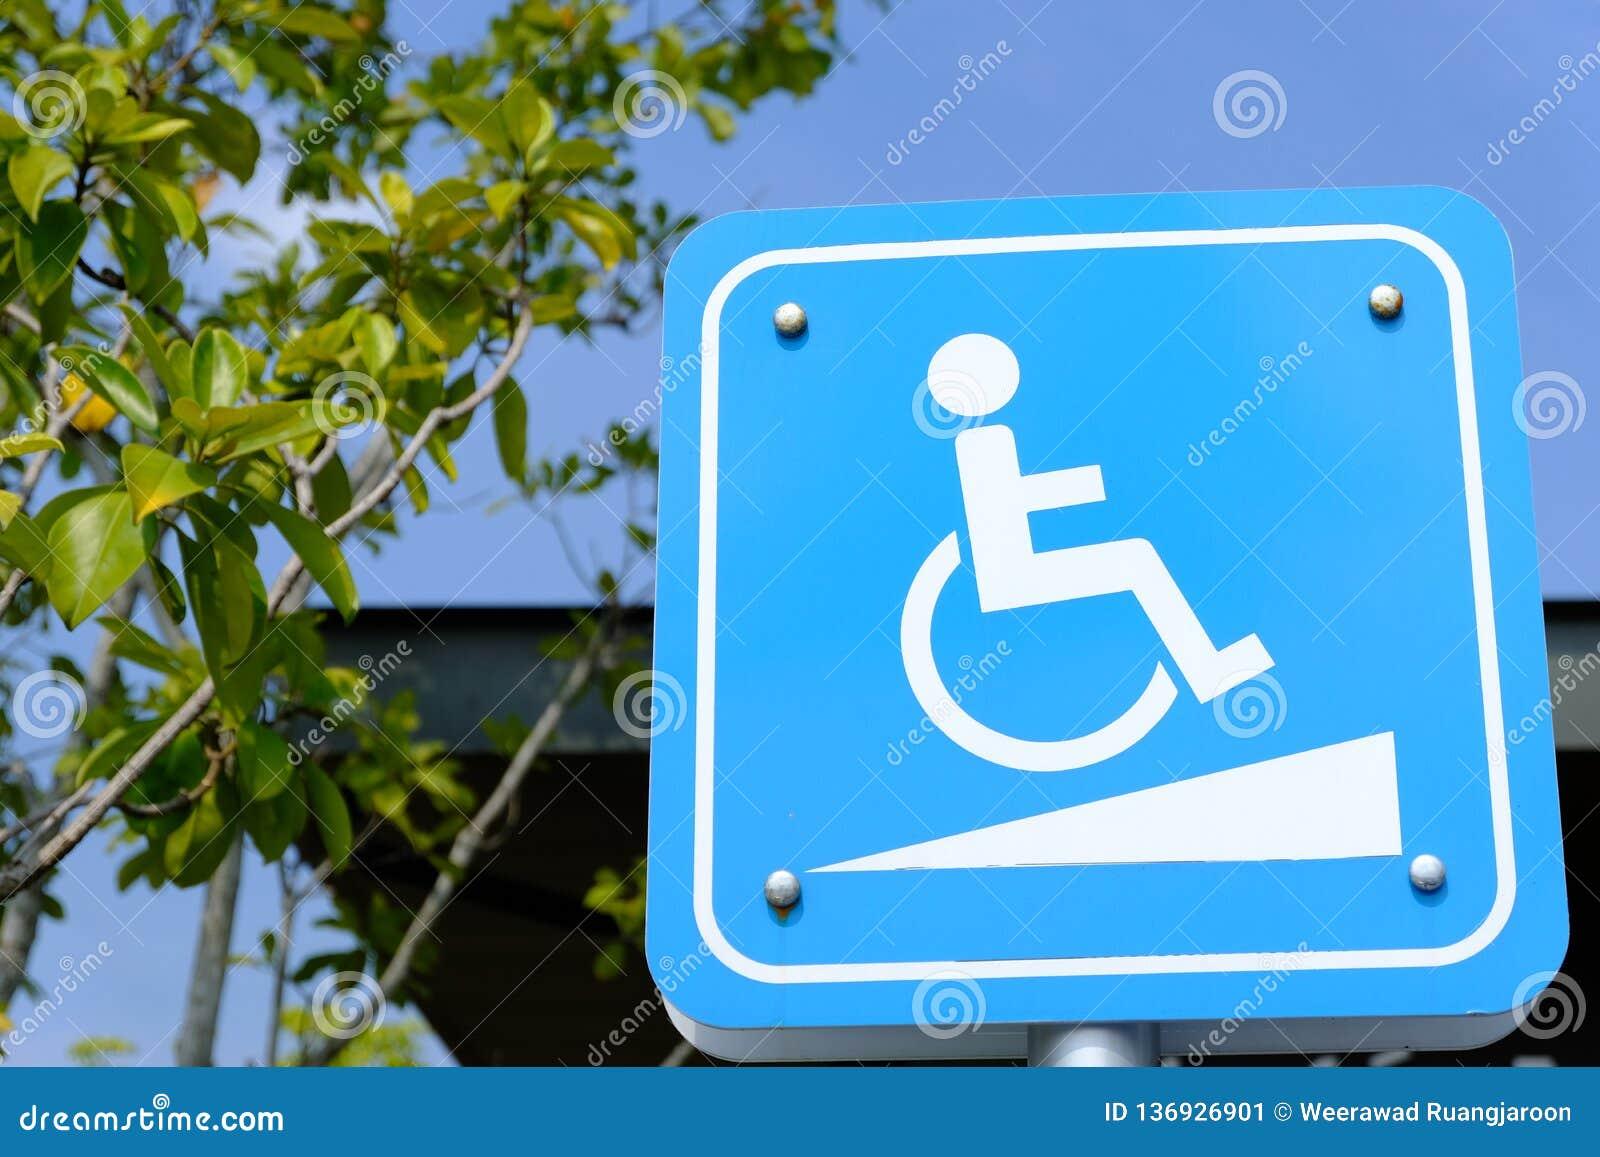 Steigungsweisenzeichen für Rollstuhlleute auf Hintergrund des blauen Himmels - behindertes Parken